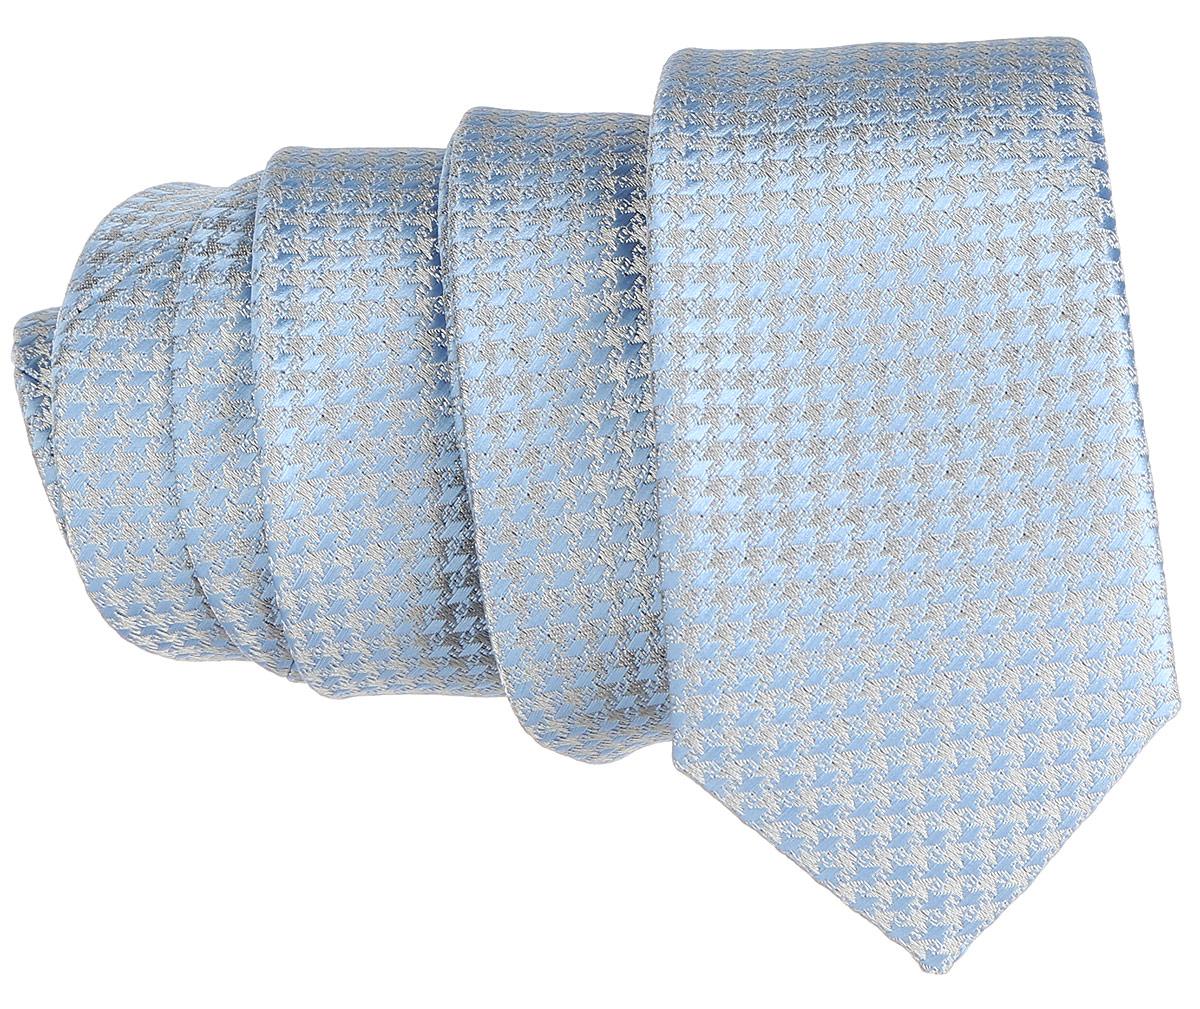 Галстук. 12.01852612.018526Стильный галстук BTC станет отличным завершающим штрихом вашего образа. Этот модный аксессуар порадует вас высоким качеством исполнения и современным дизайном. Изделие полностью выполнено из качественного полиэстера. Галстук оформлен оригинальным принтом. Такой оригинальный галстук подойдет как к повседневному, так и к официальному наряду, он позволит вам подчеркнуть свою индивидуальность и создать свой неповторимый стиль.